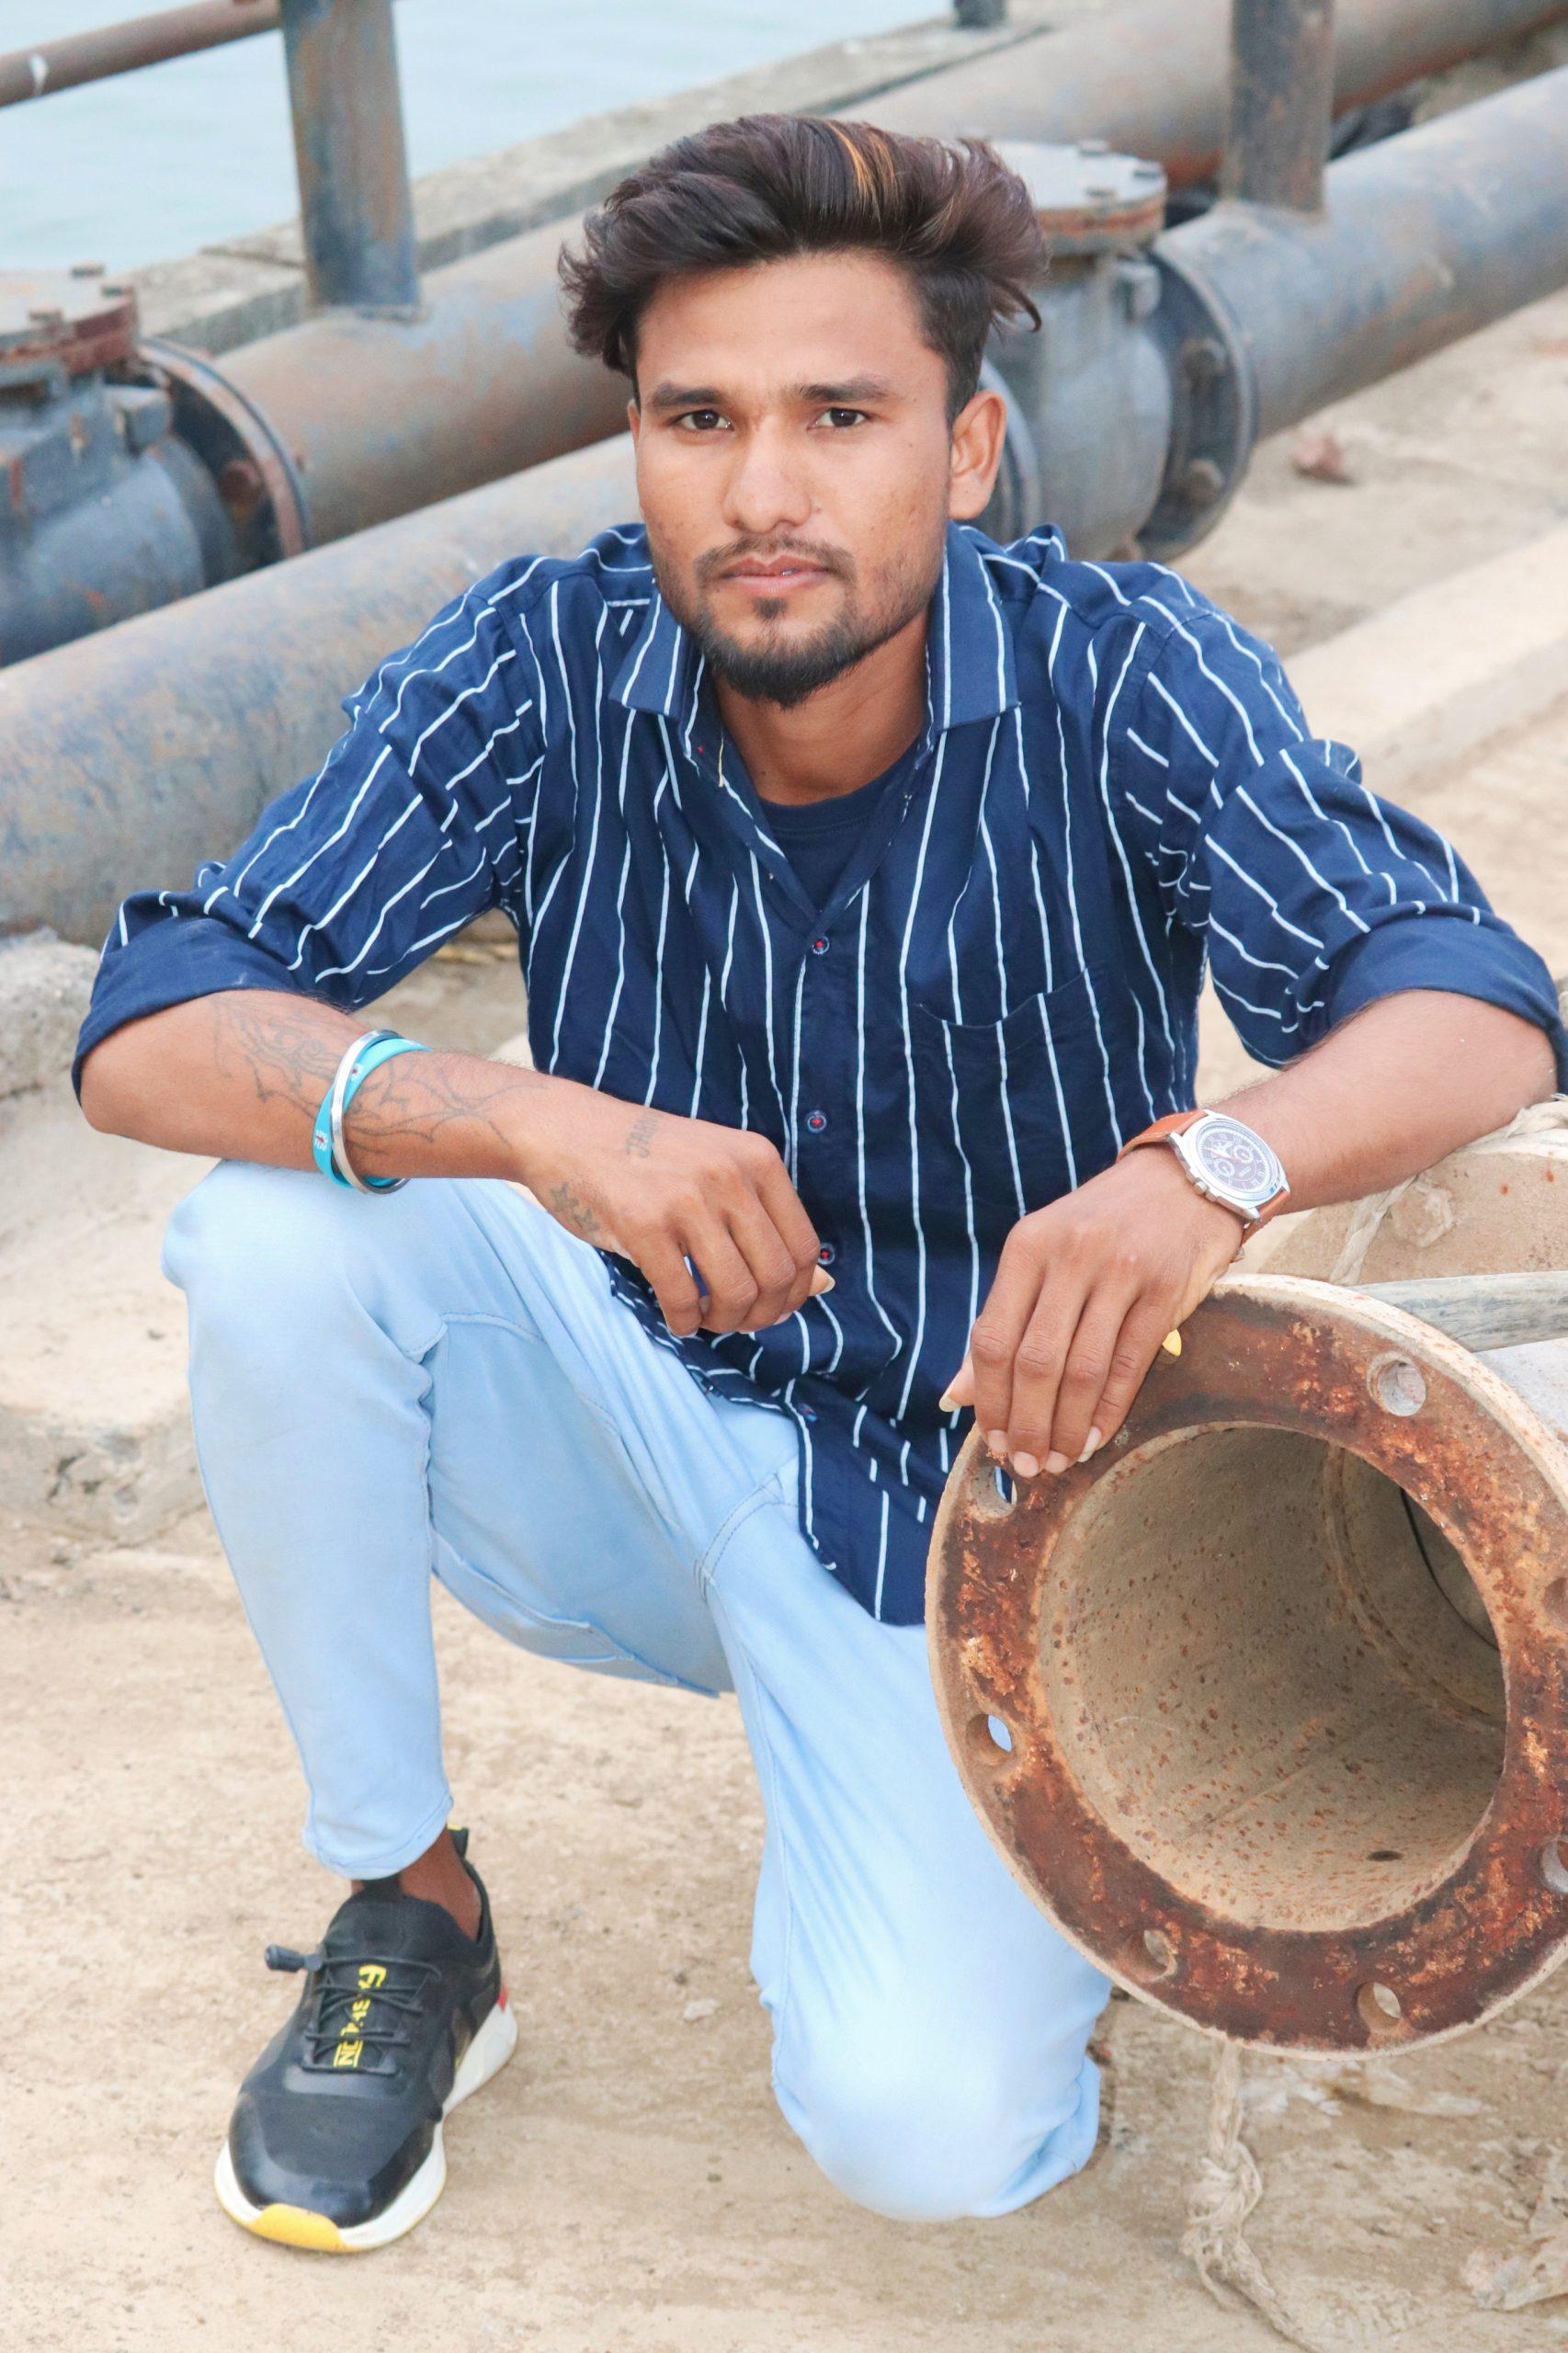 A boy near pipes